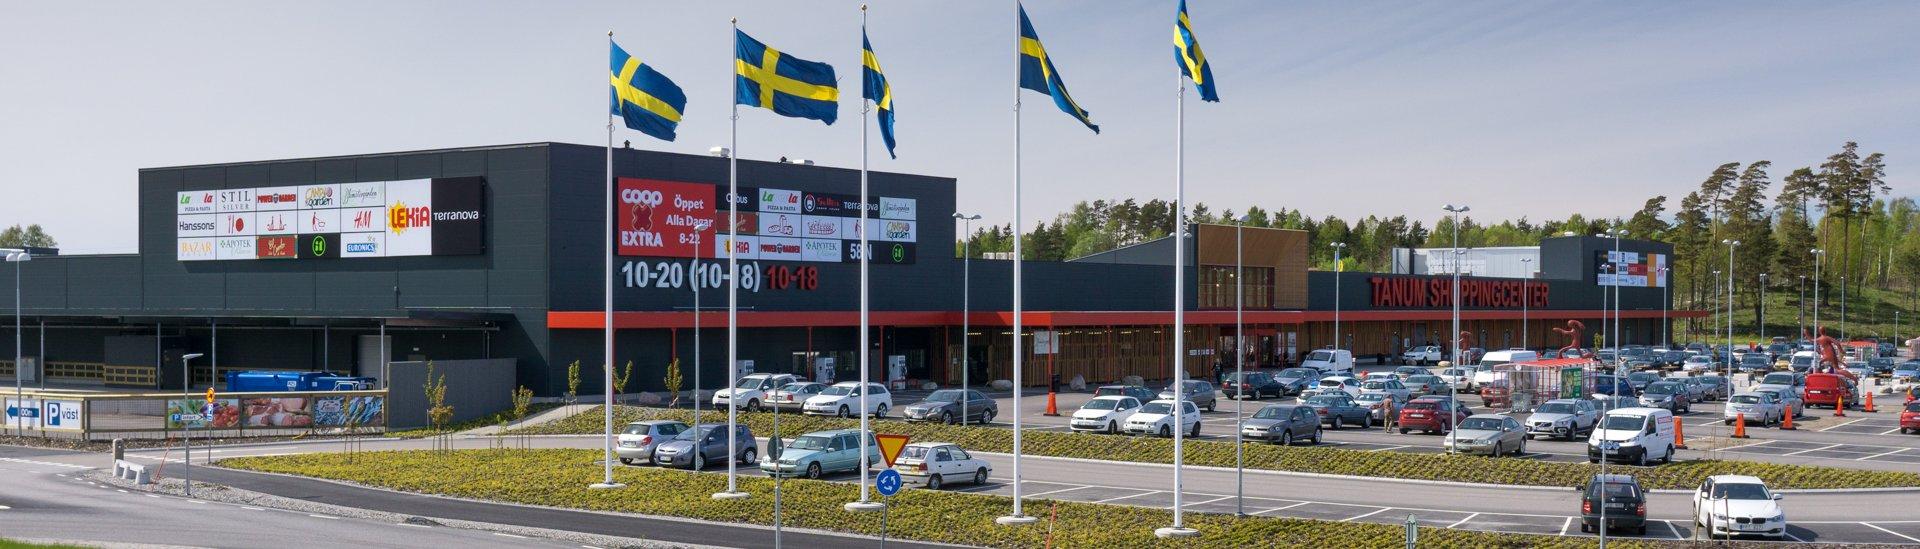 Obchodní centrum v Kungshamnu